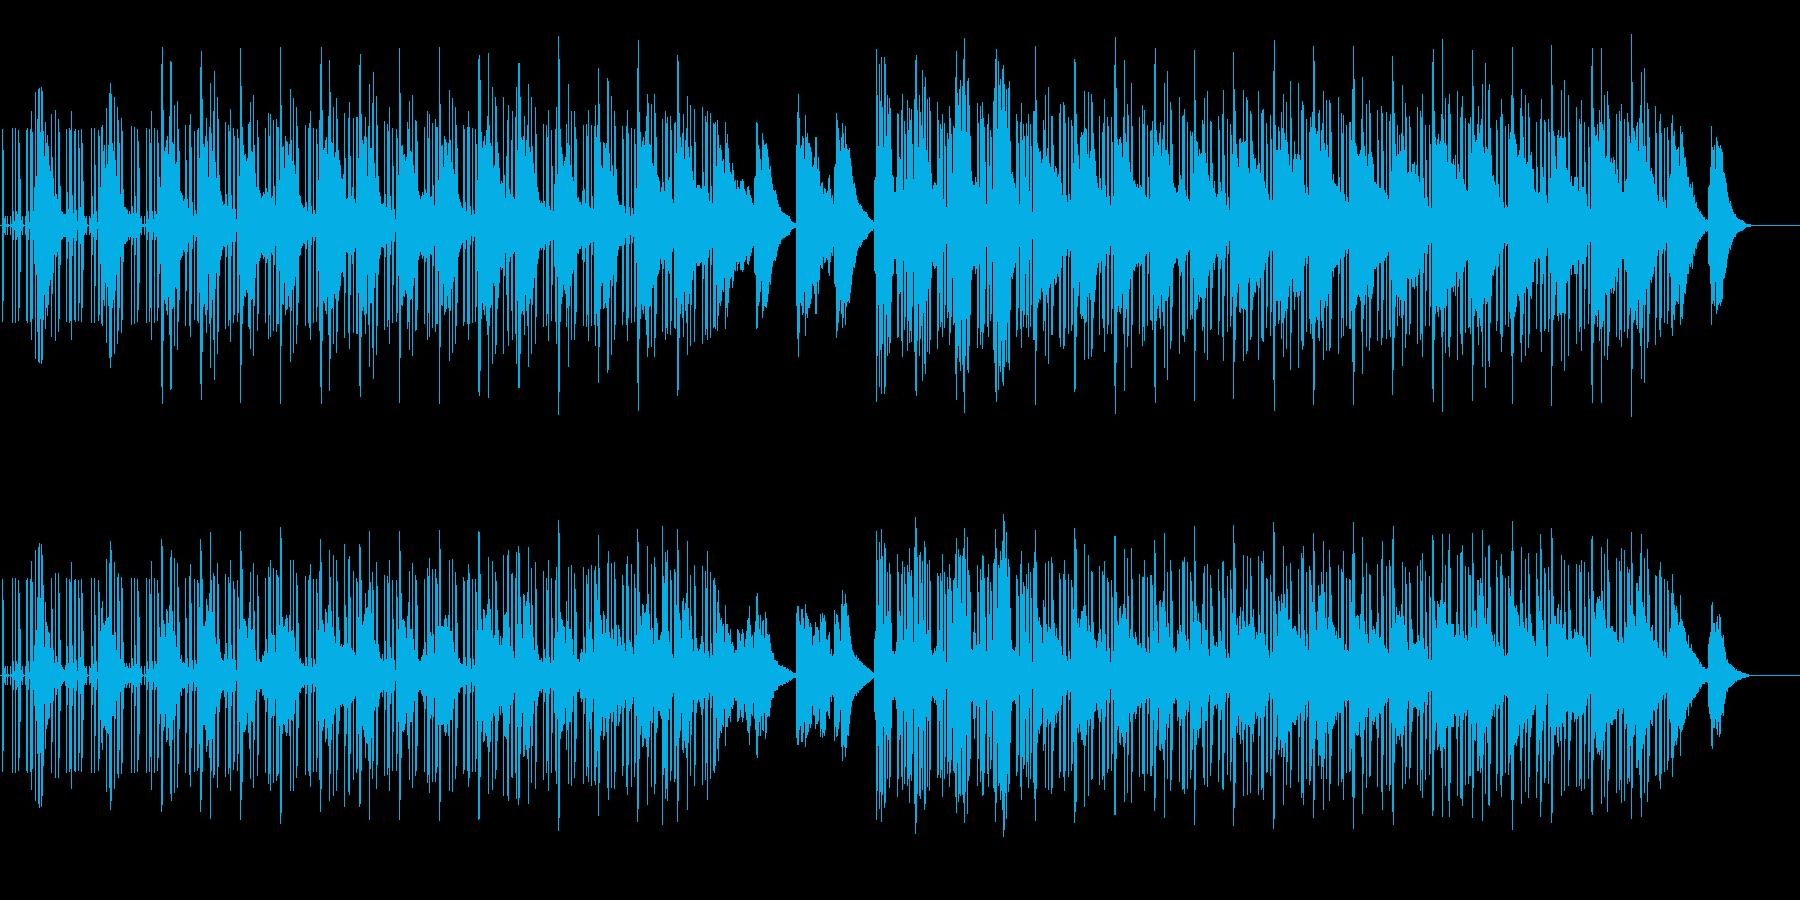 作業用BGM 心安らぐチルホップの再生済みの波形